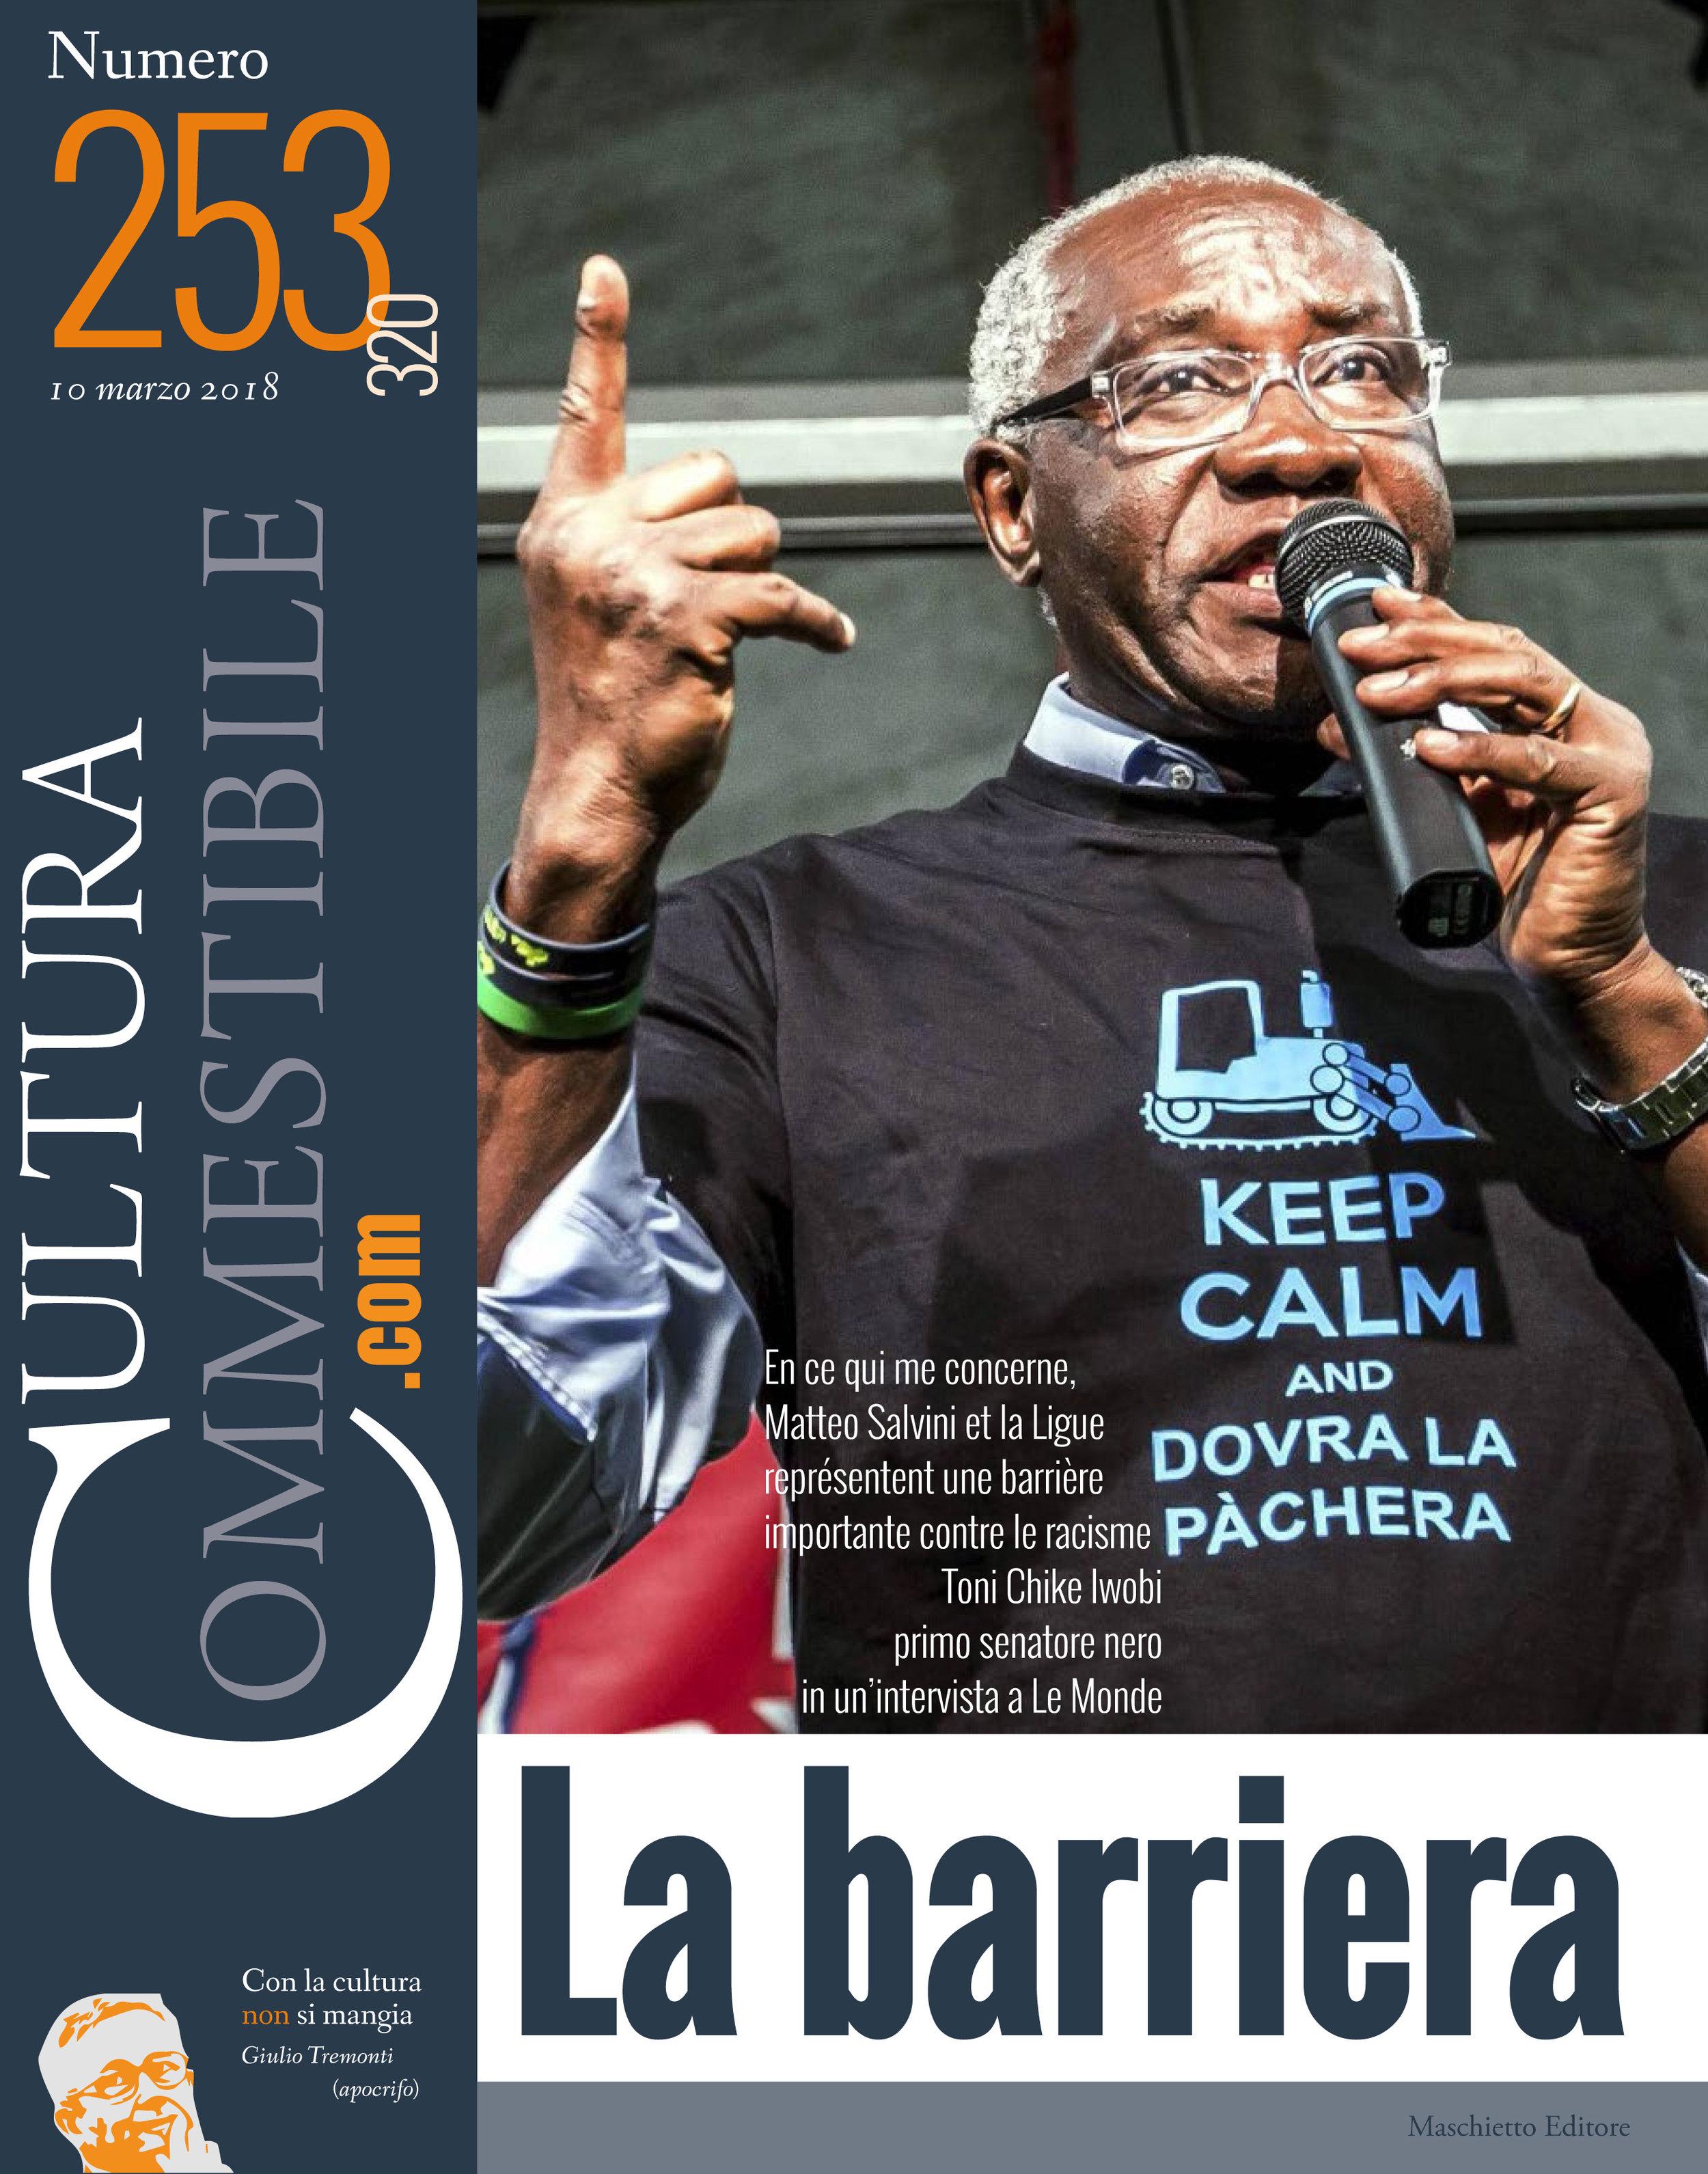 Cultura-Commestibile-253-1.jpg